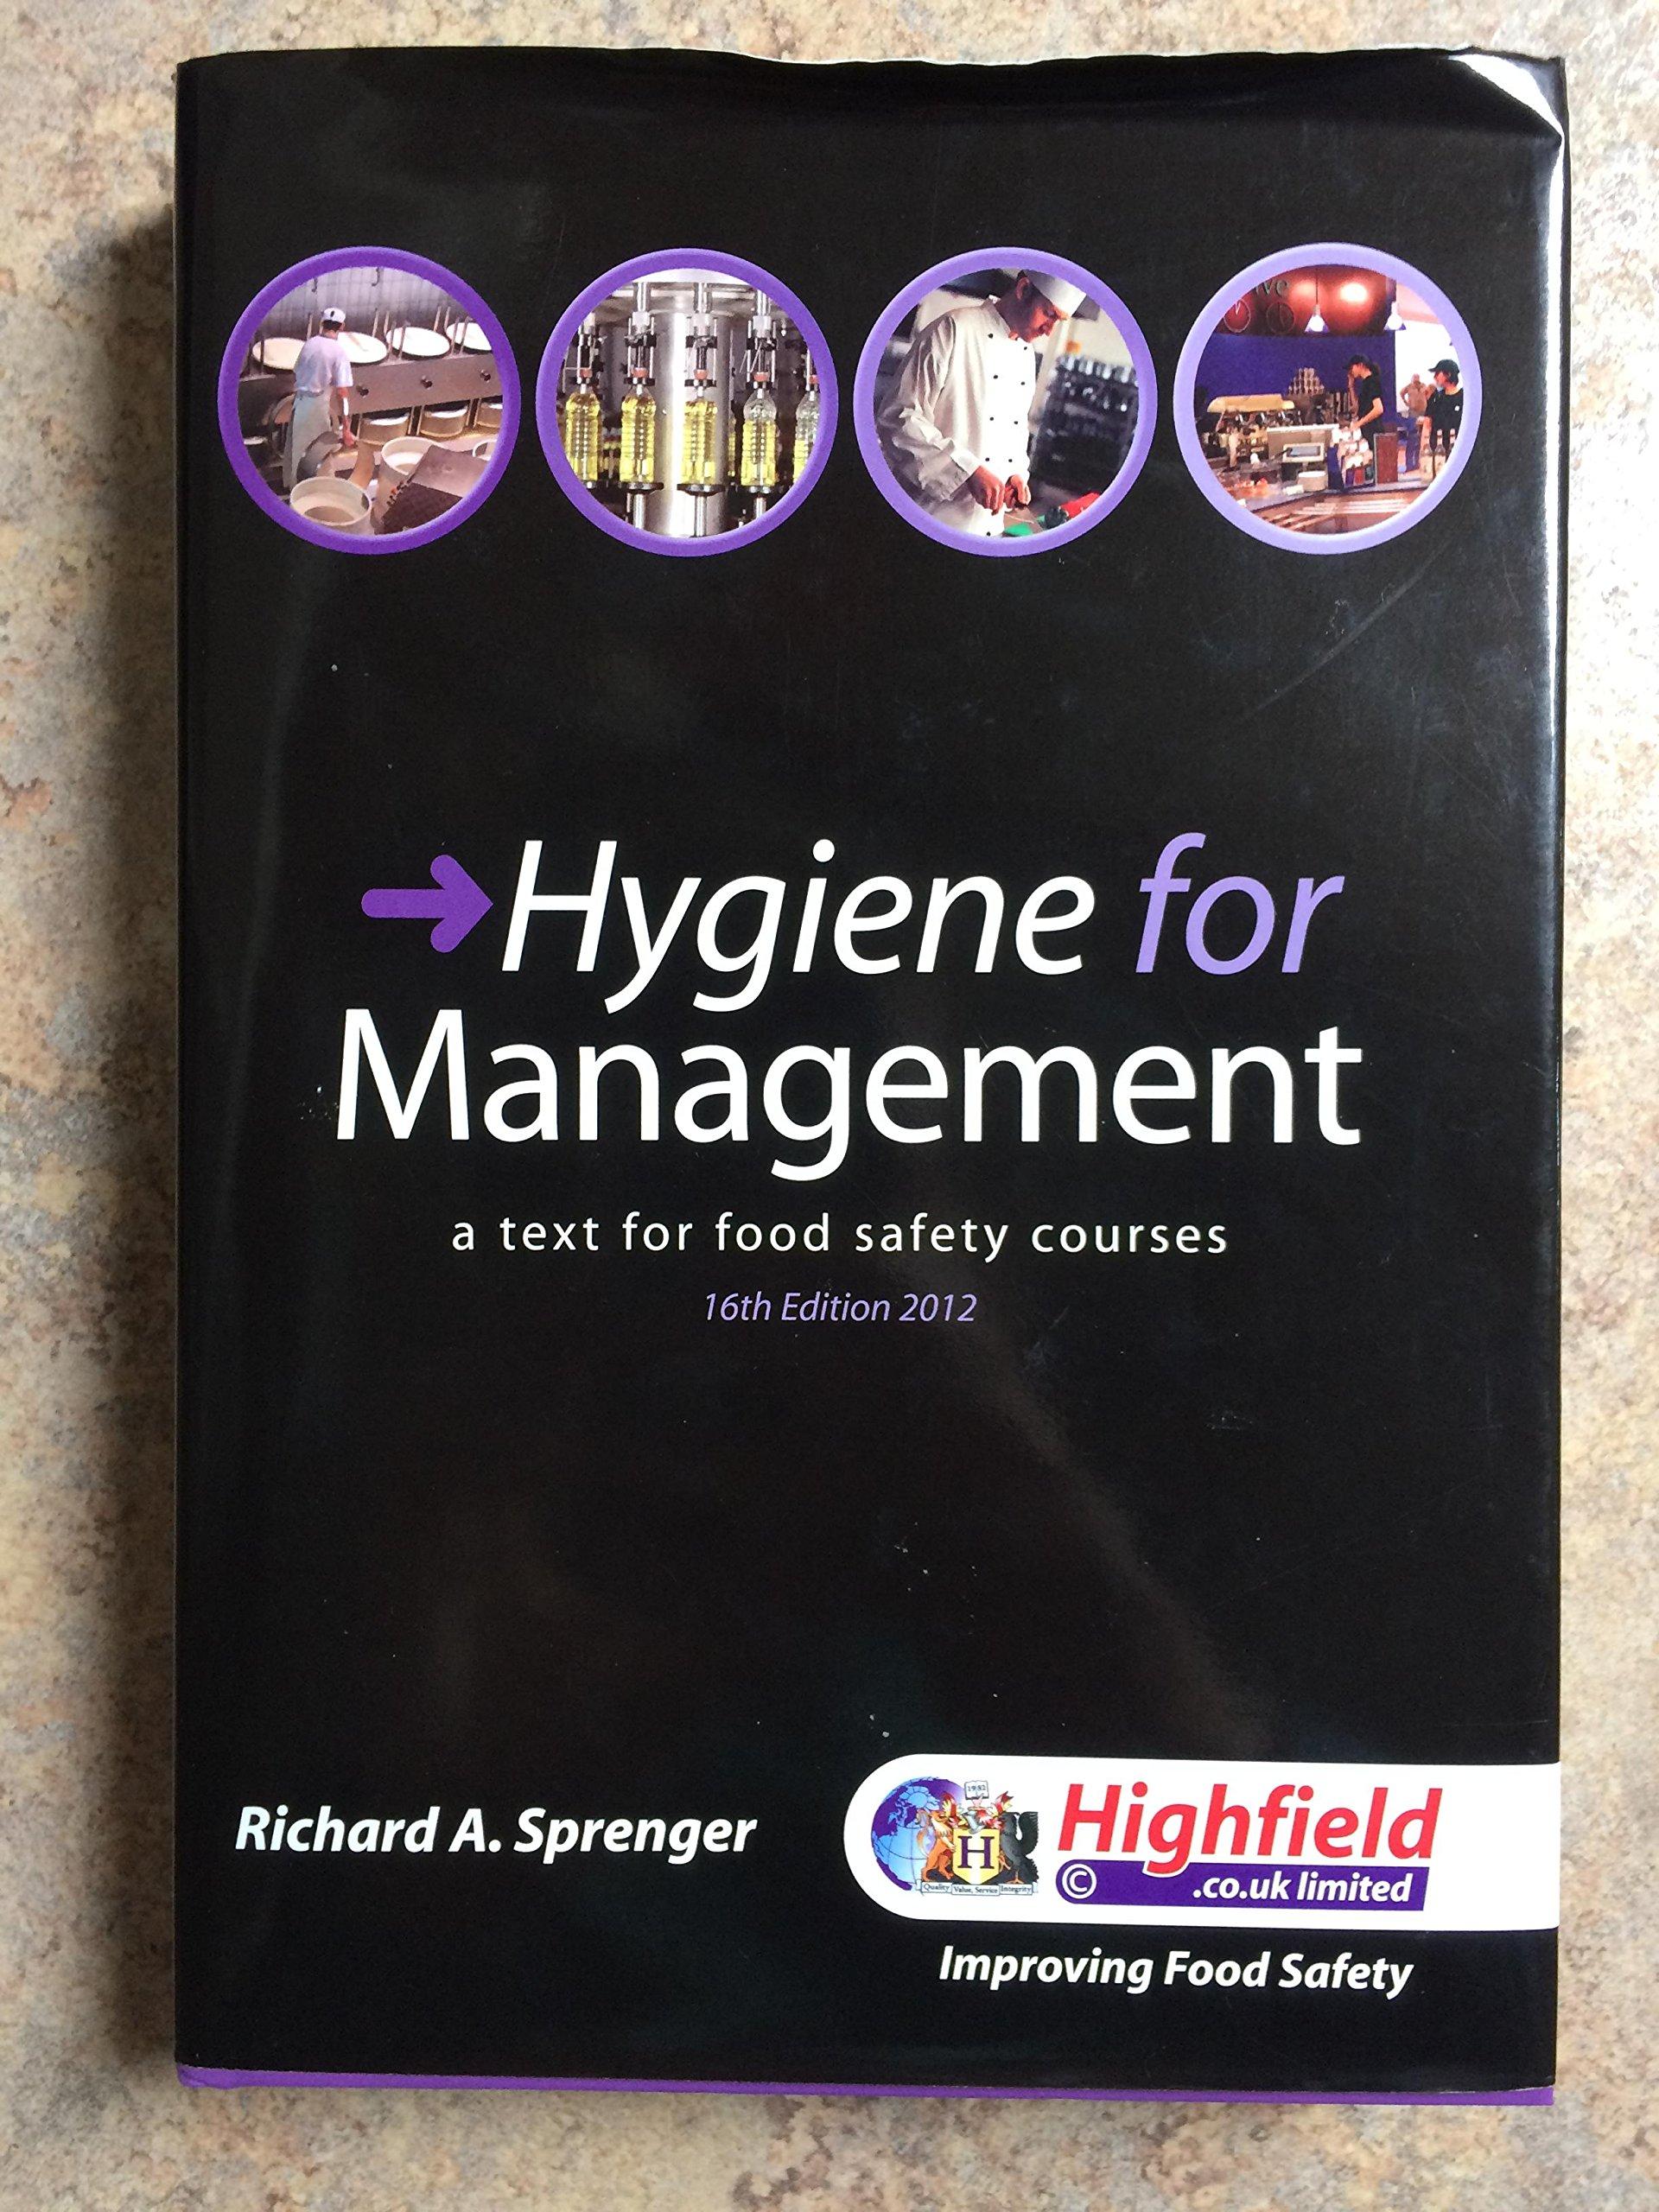 Hygiene For Management: Amazon: Richard A Sprenger: 9781907751684:  Books